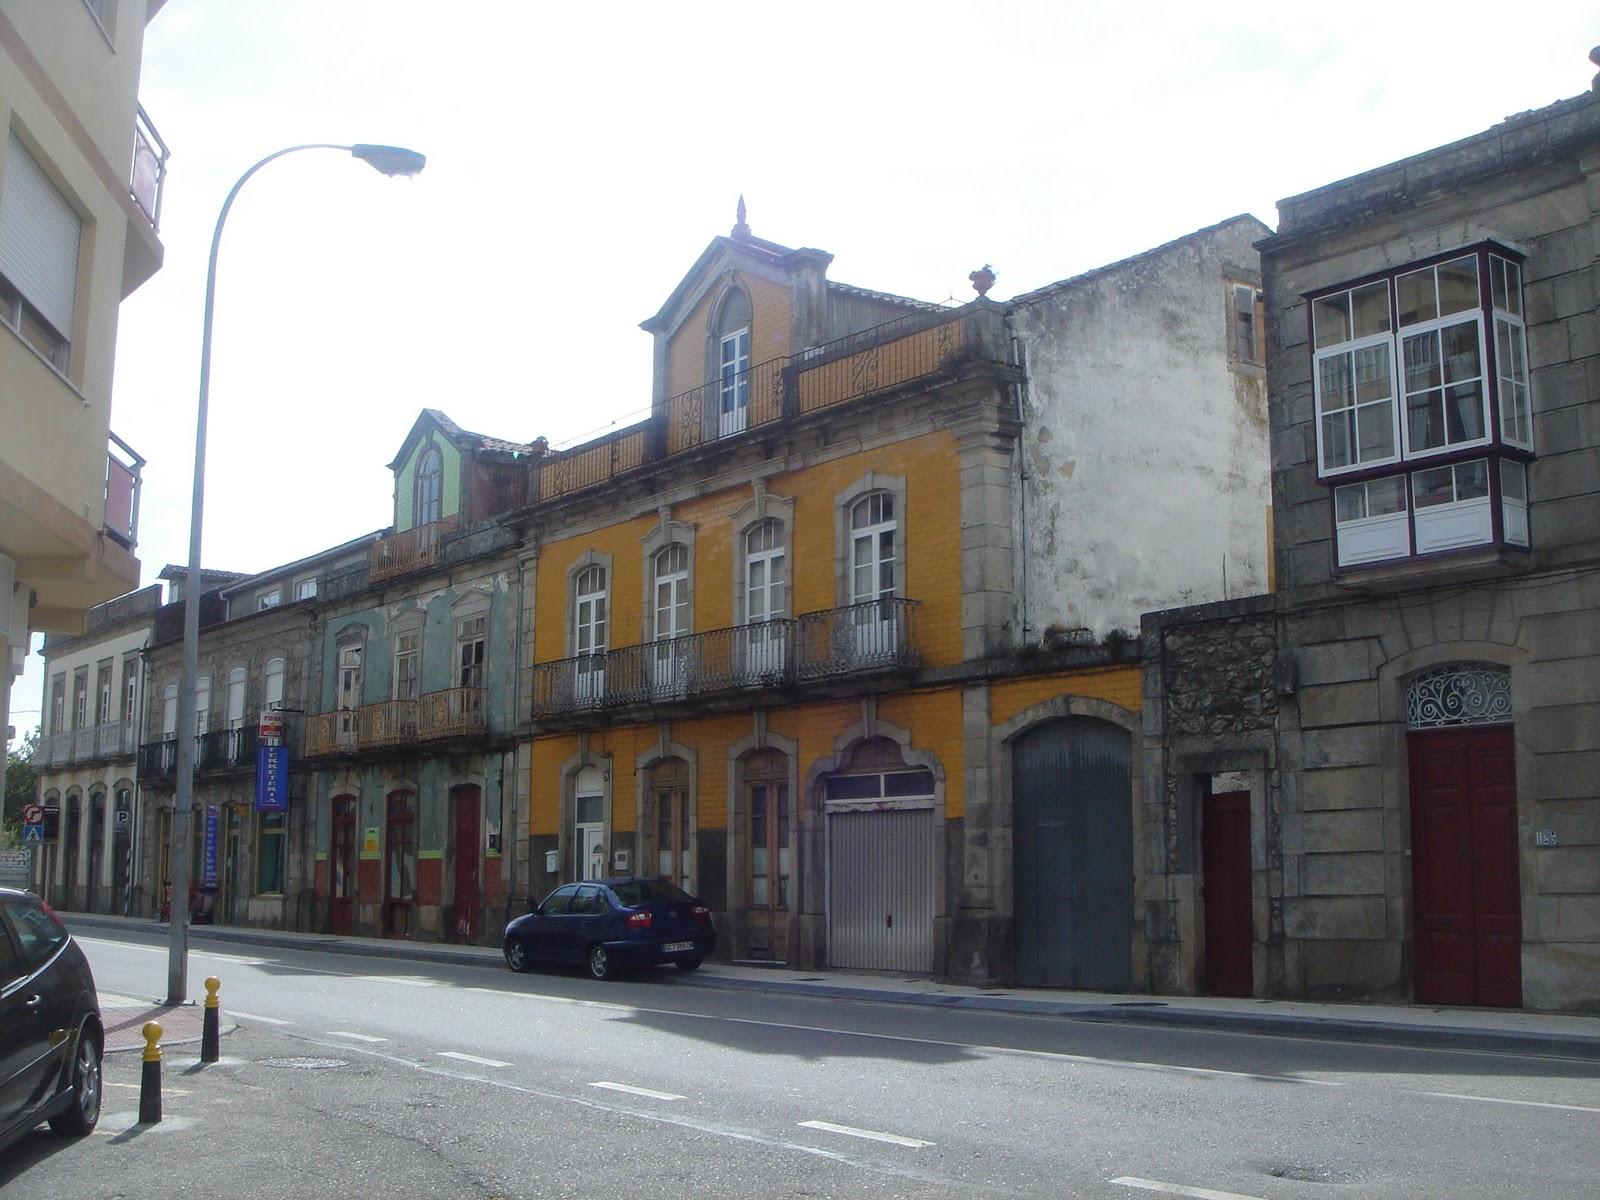 Historia y genealog a la guarda pontevedra las casas - Segunda mano casas pontevedra ...